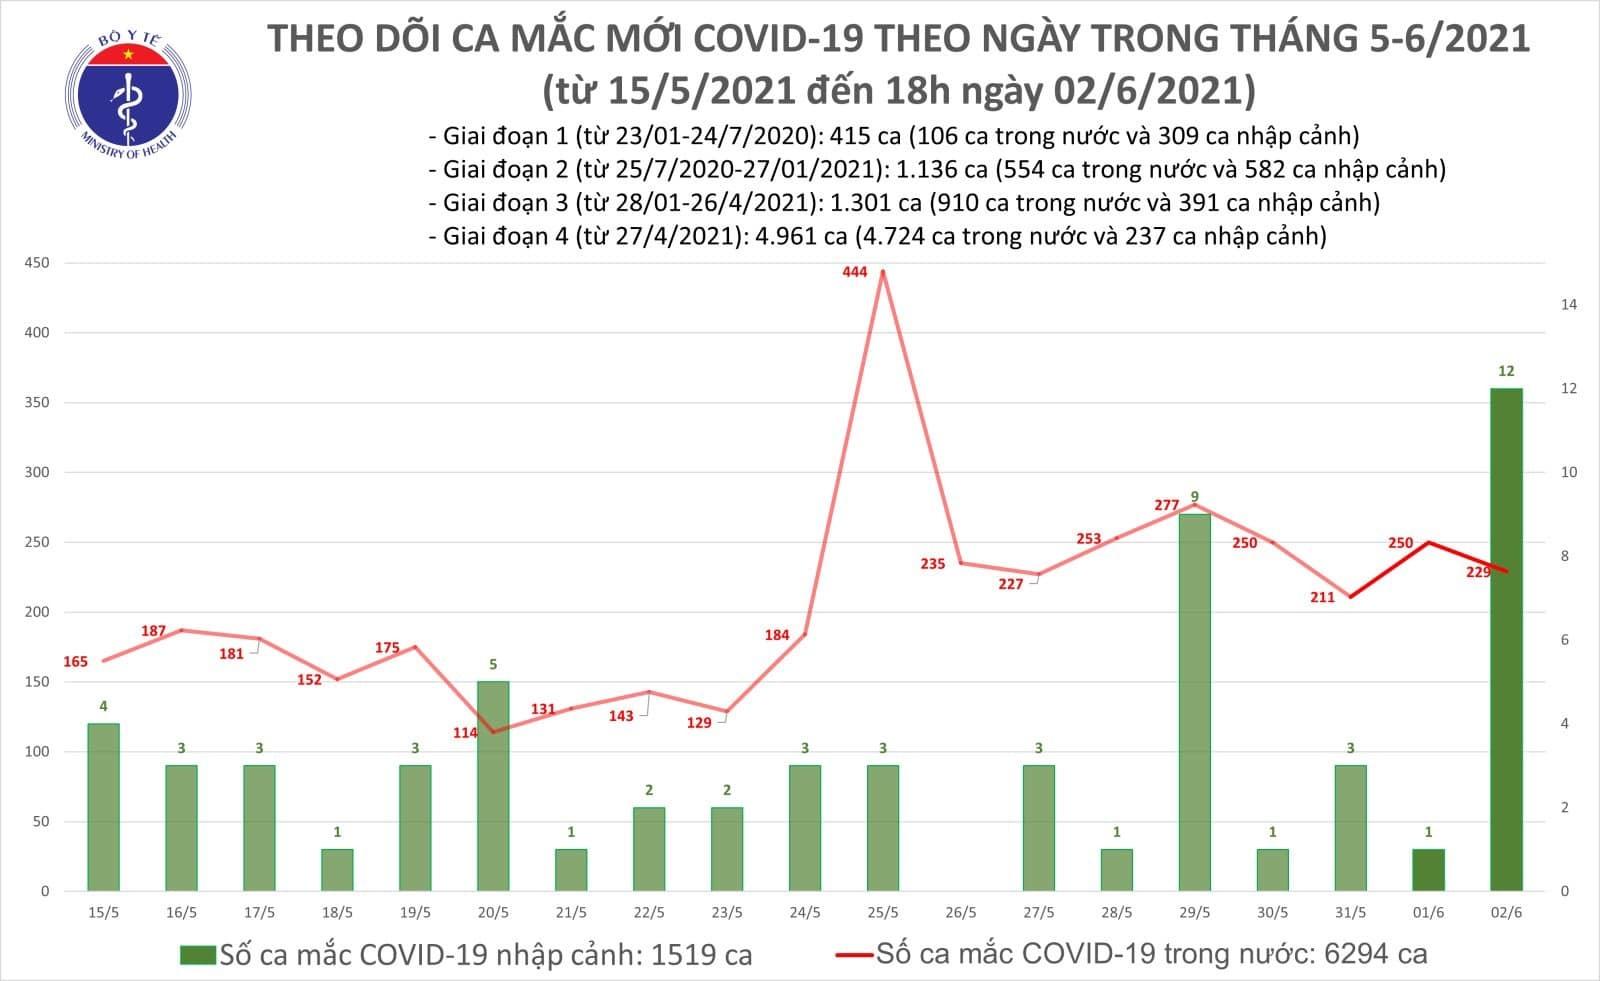 Thêm 138 ca Covid-19, TP.HCM và Bắc Giang có số mắc nhiều nhất